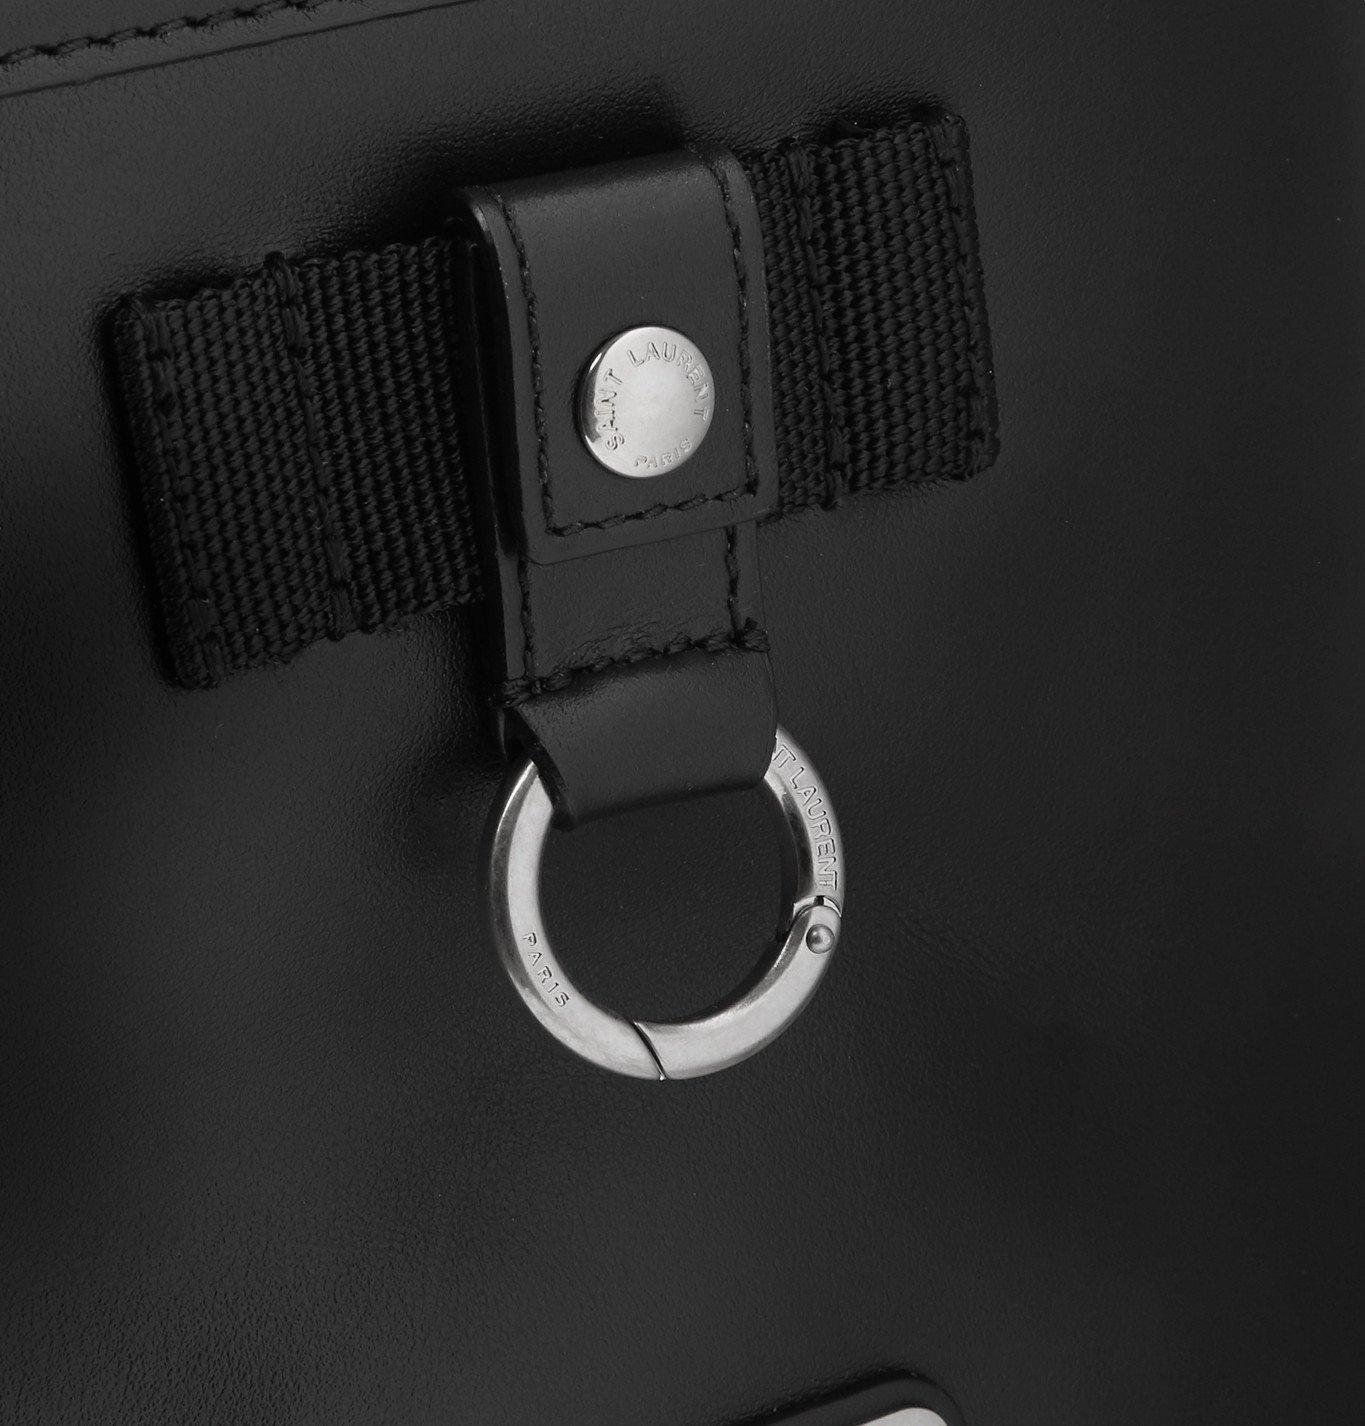 SAINT LAURENT - Rivington Leather Messenger Bag - Black